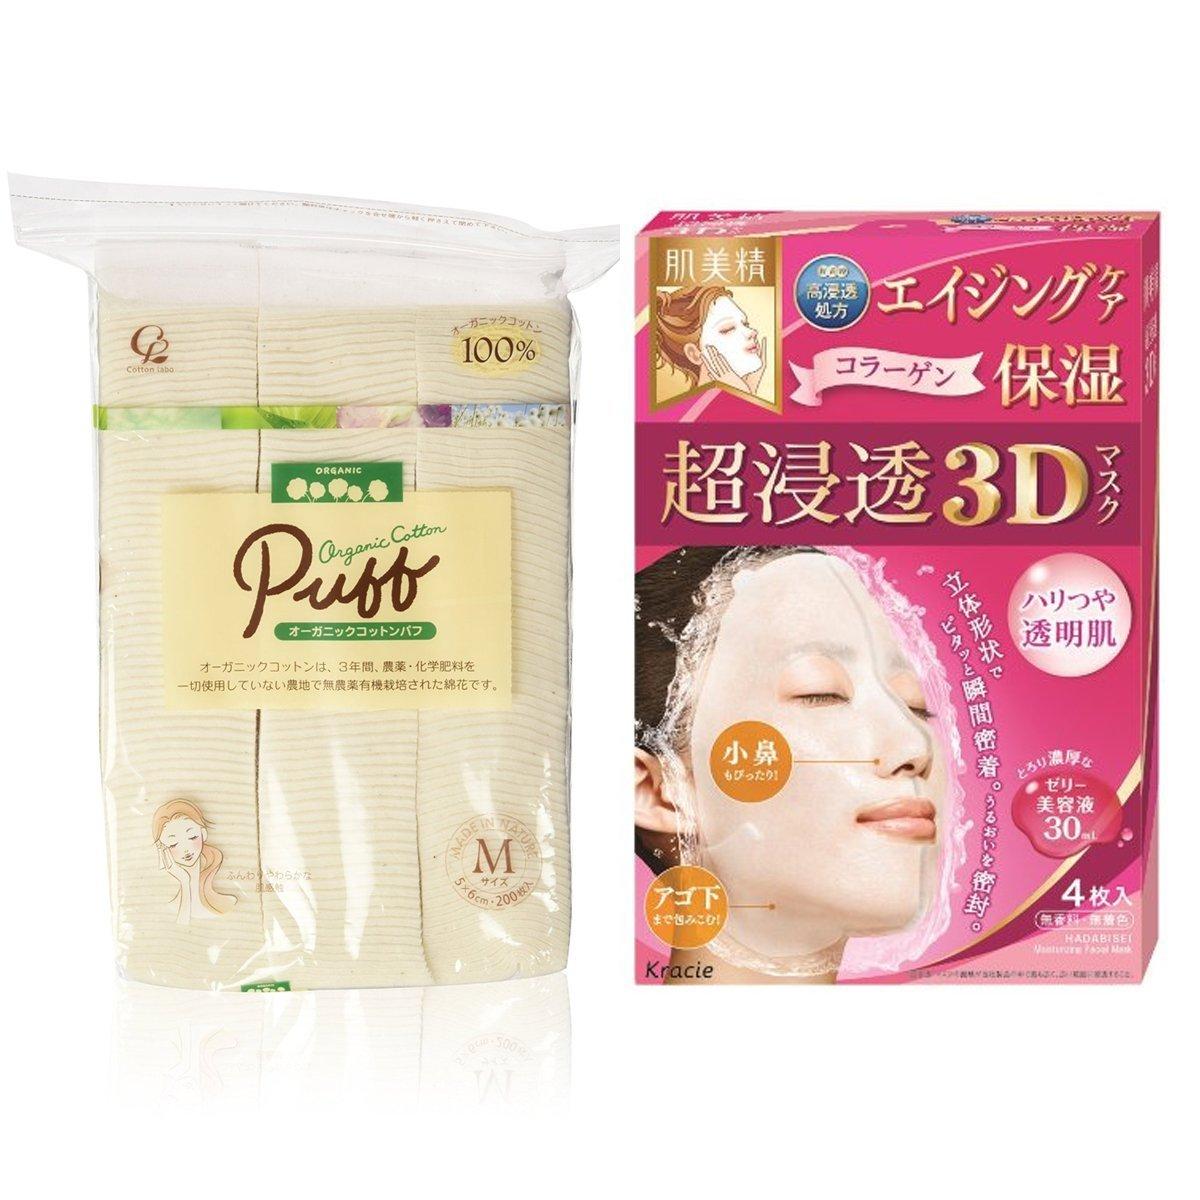 ORGANIC Cotton Makeup Puff Medium